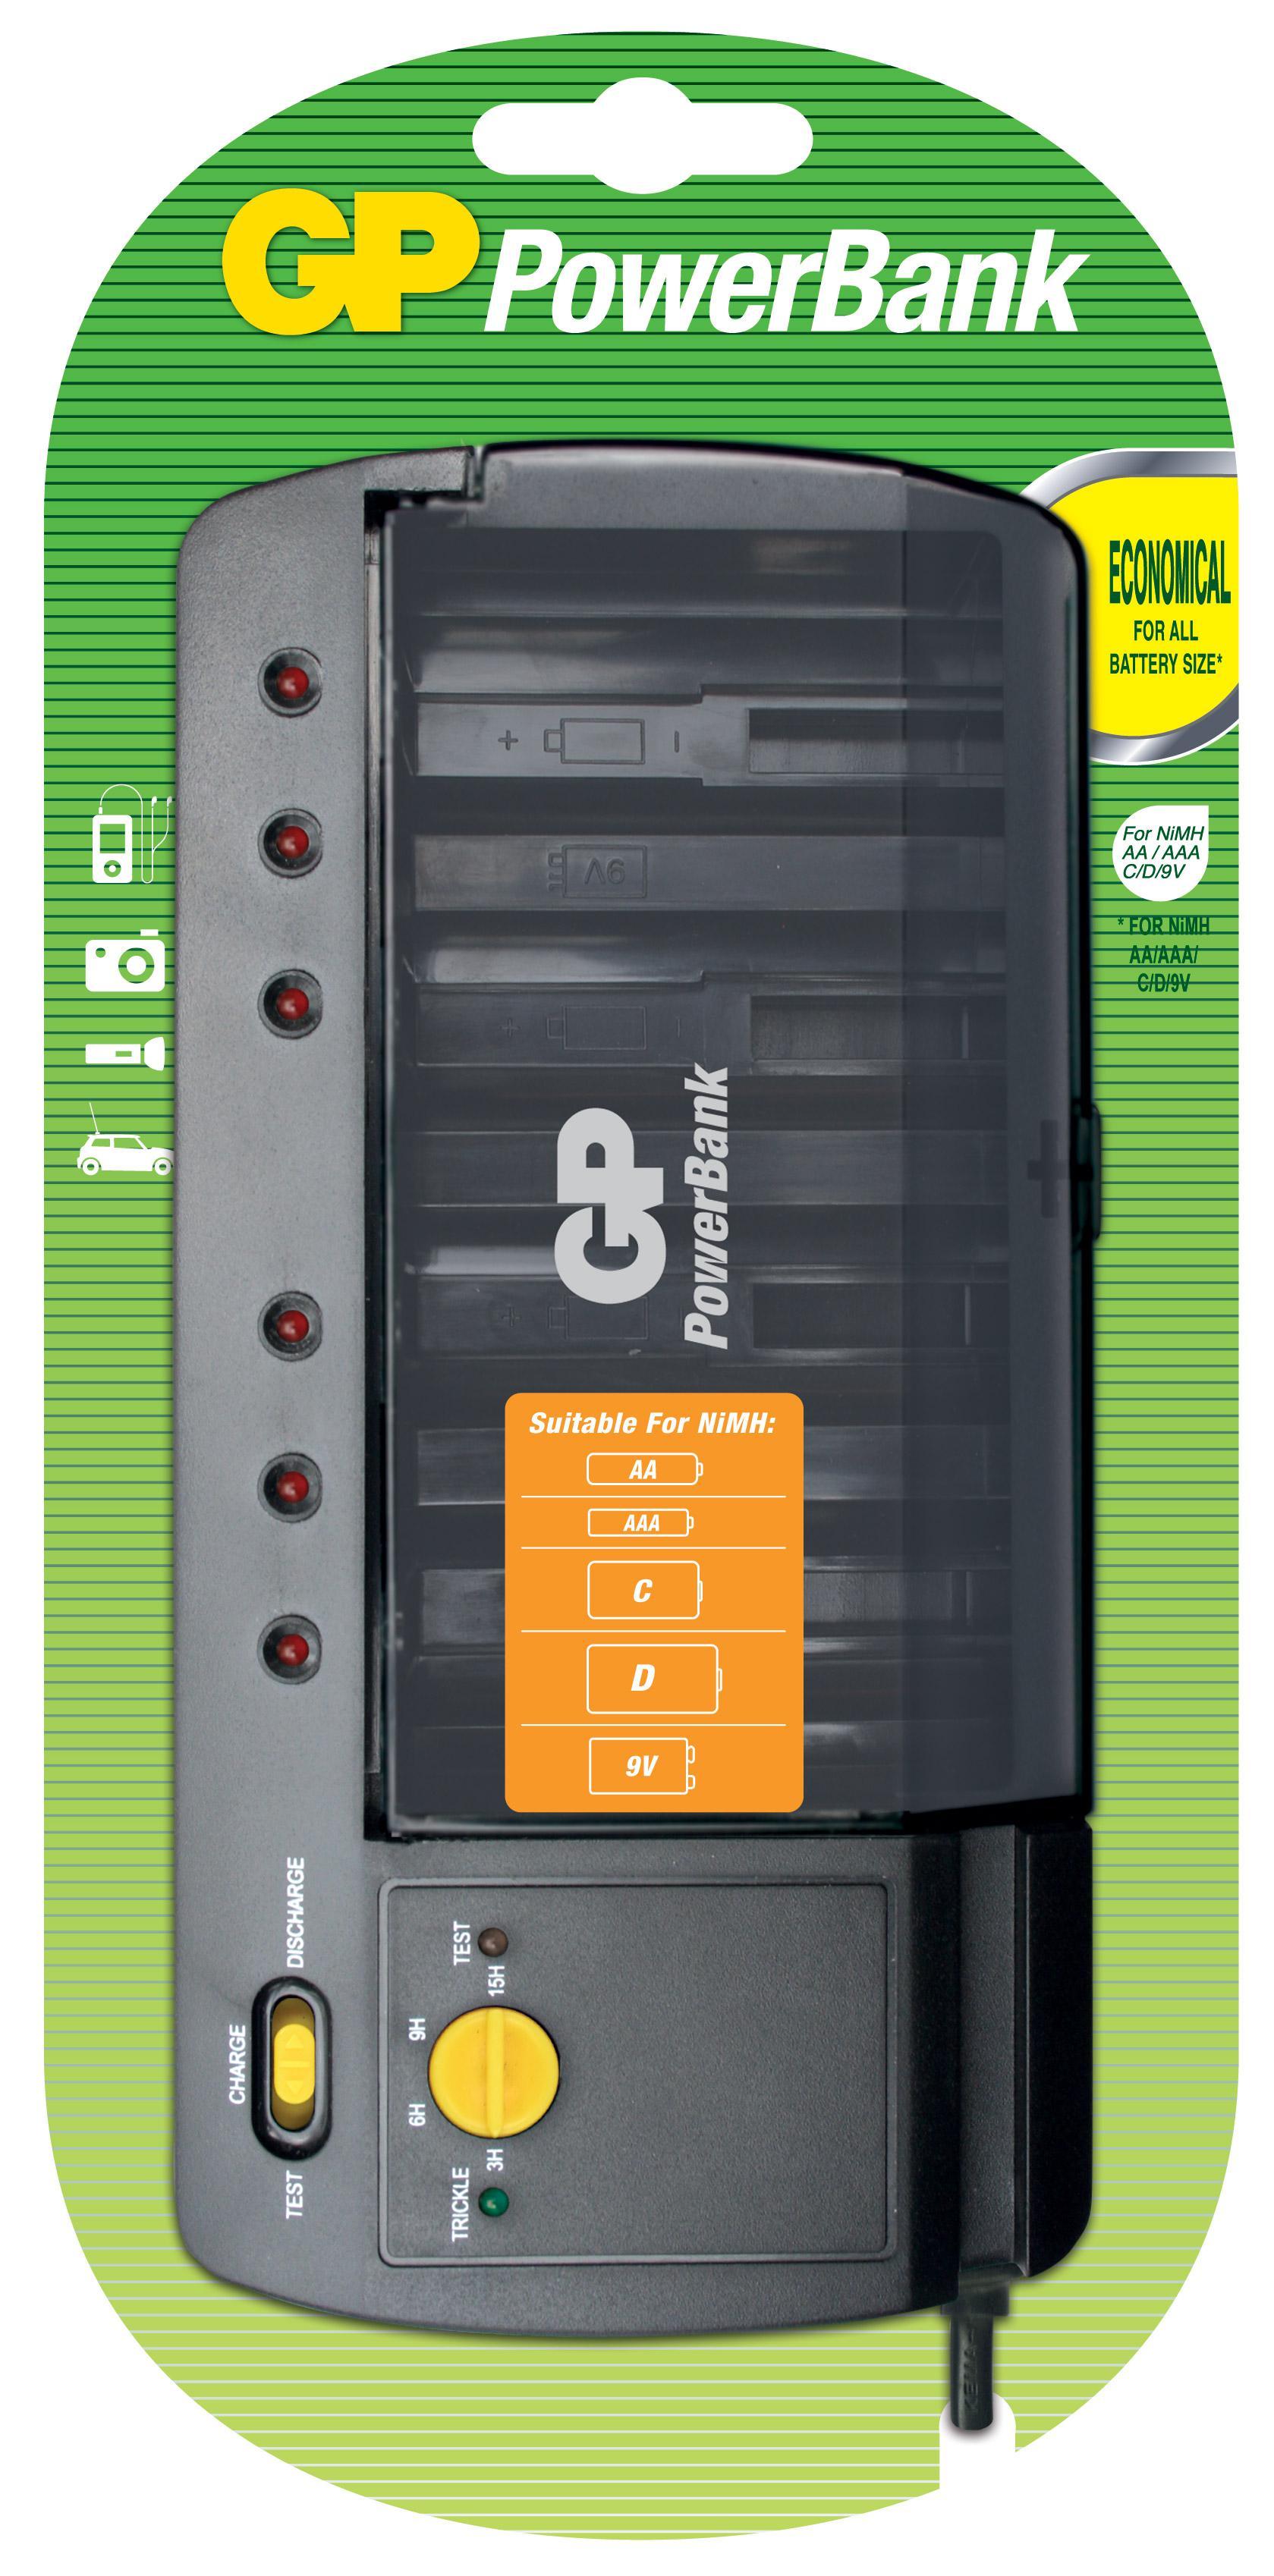 цена на Зарядное устройство Gp Pb320gs-2cr1